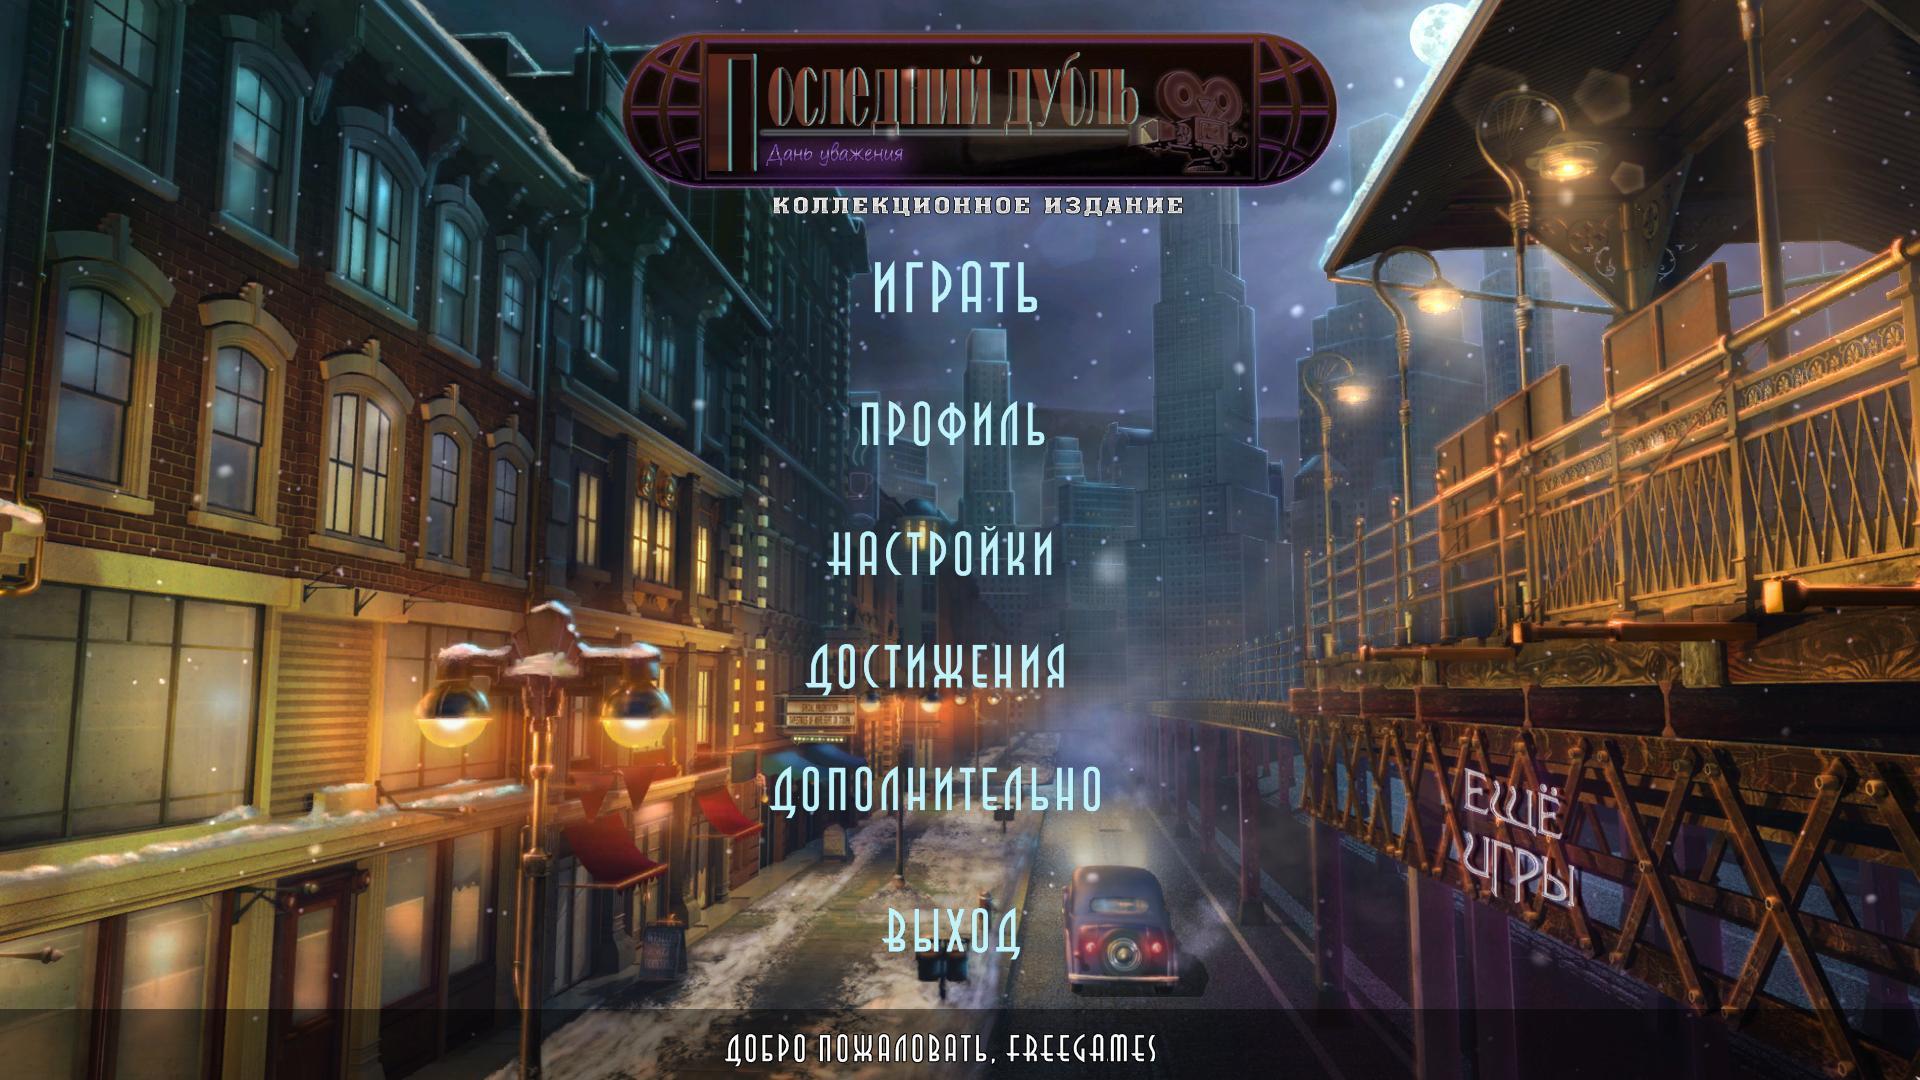 Последний дубль: Дань уважения. Коллекционное издание | Final Cut: Homage CE (Rus)